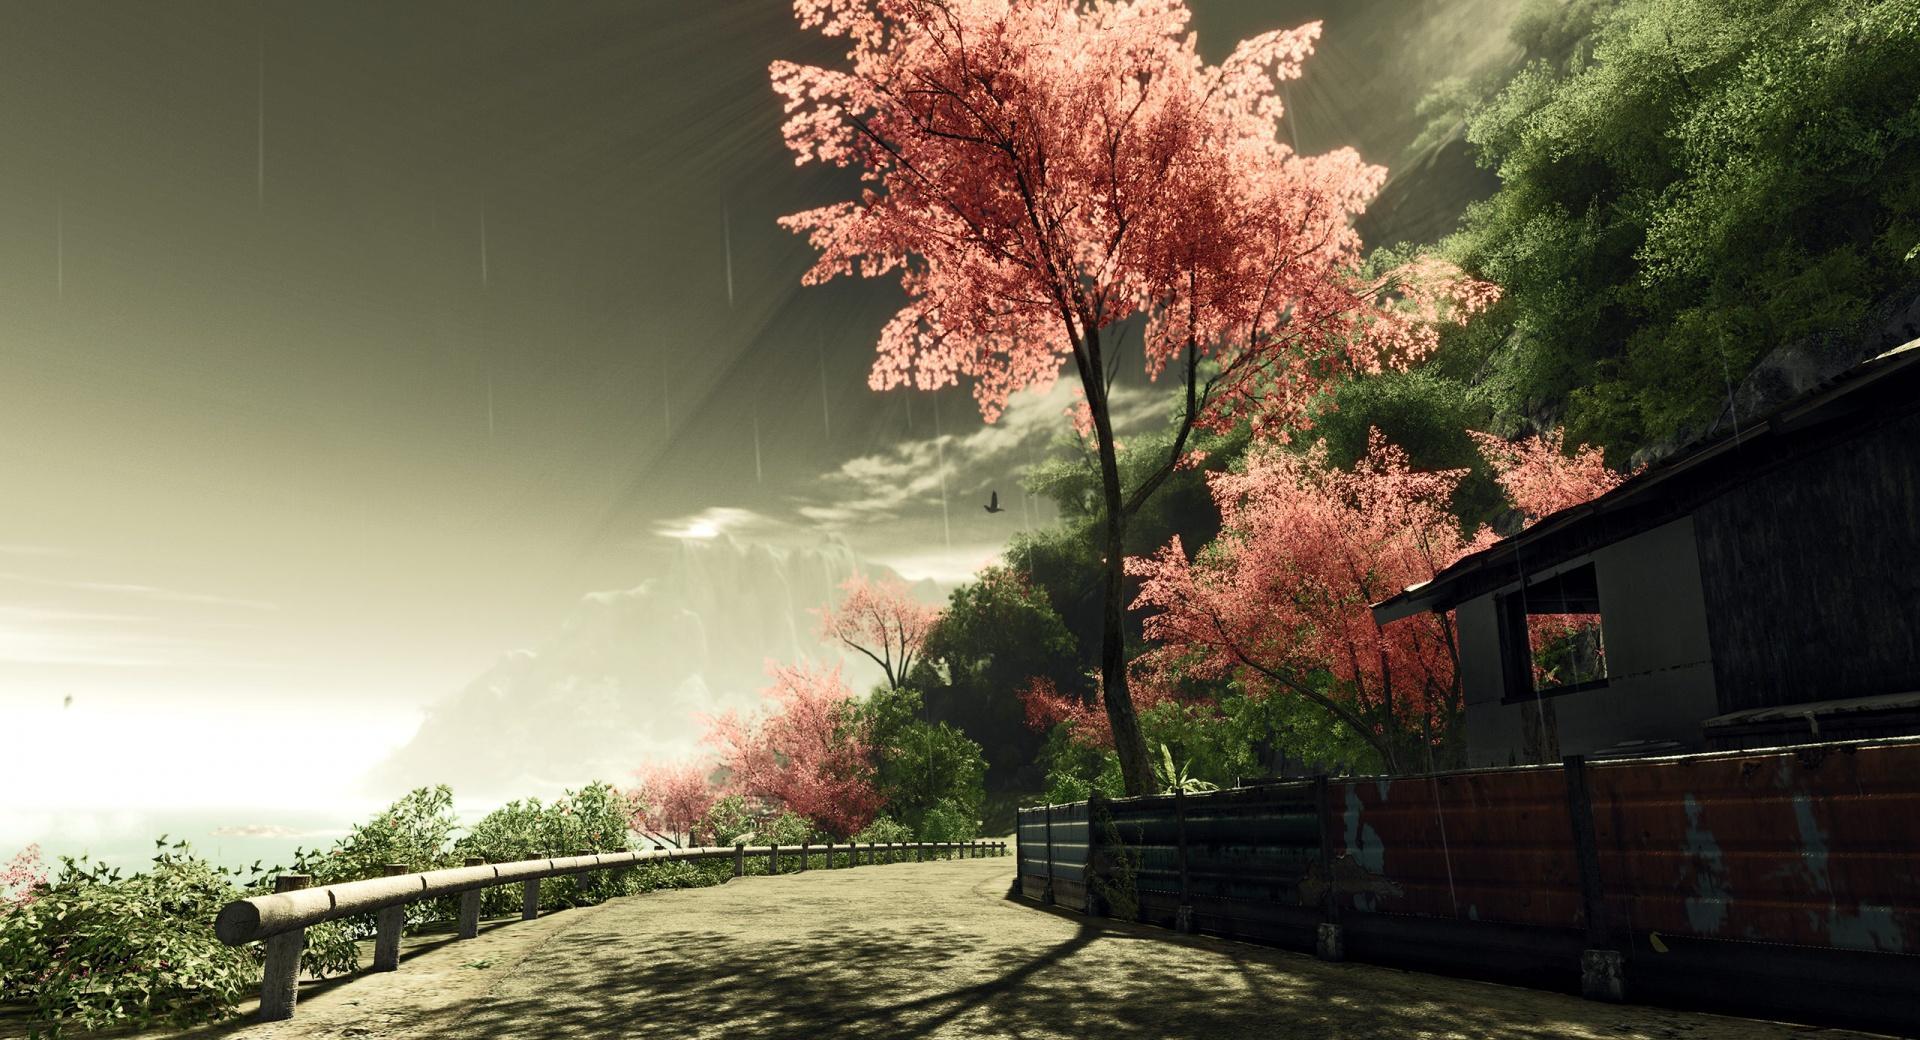 Crysis Sakura wallpapers HD quality